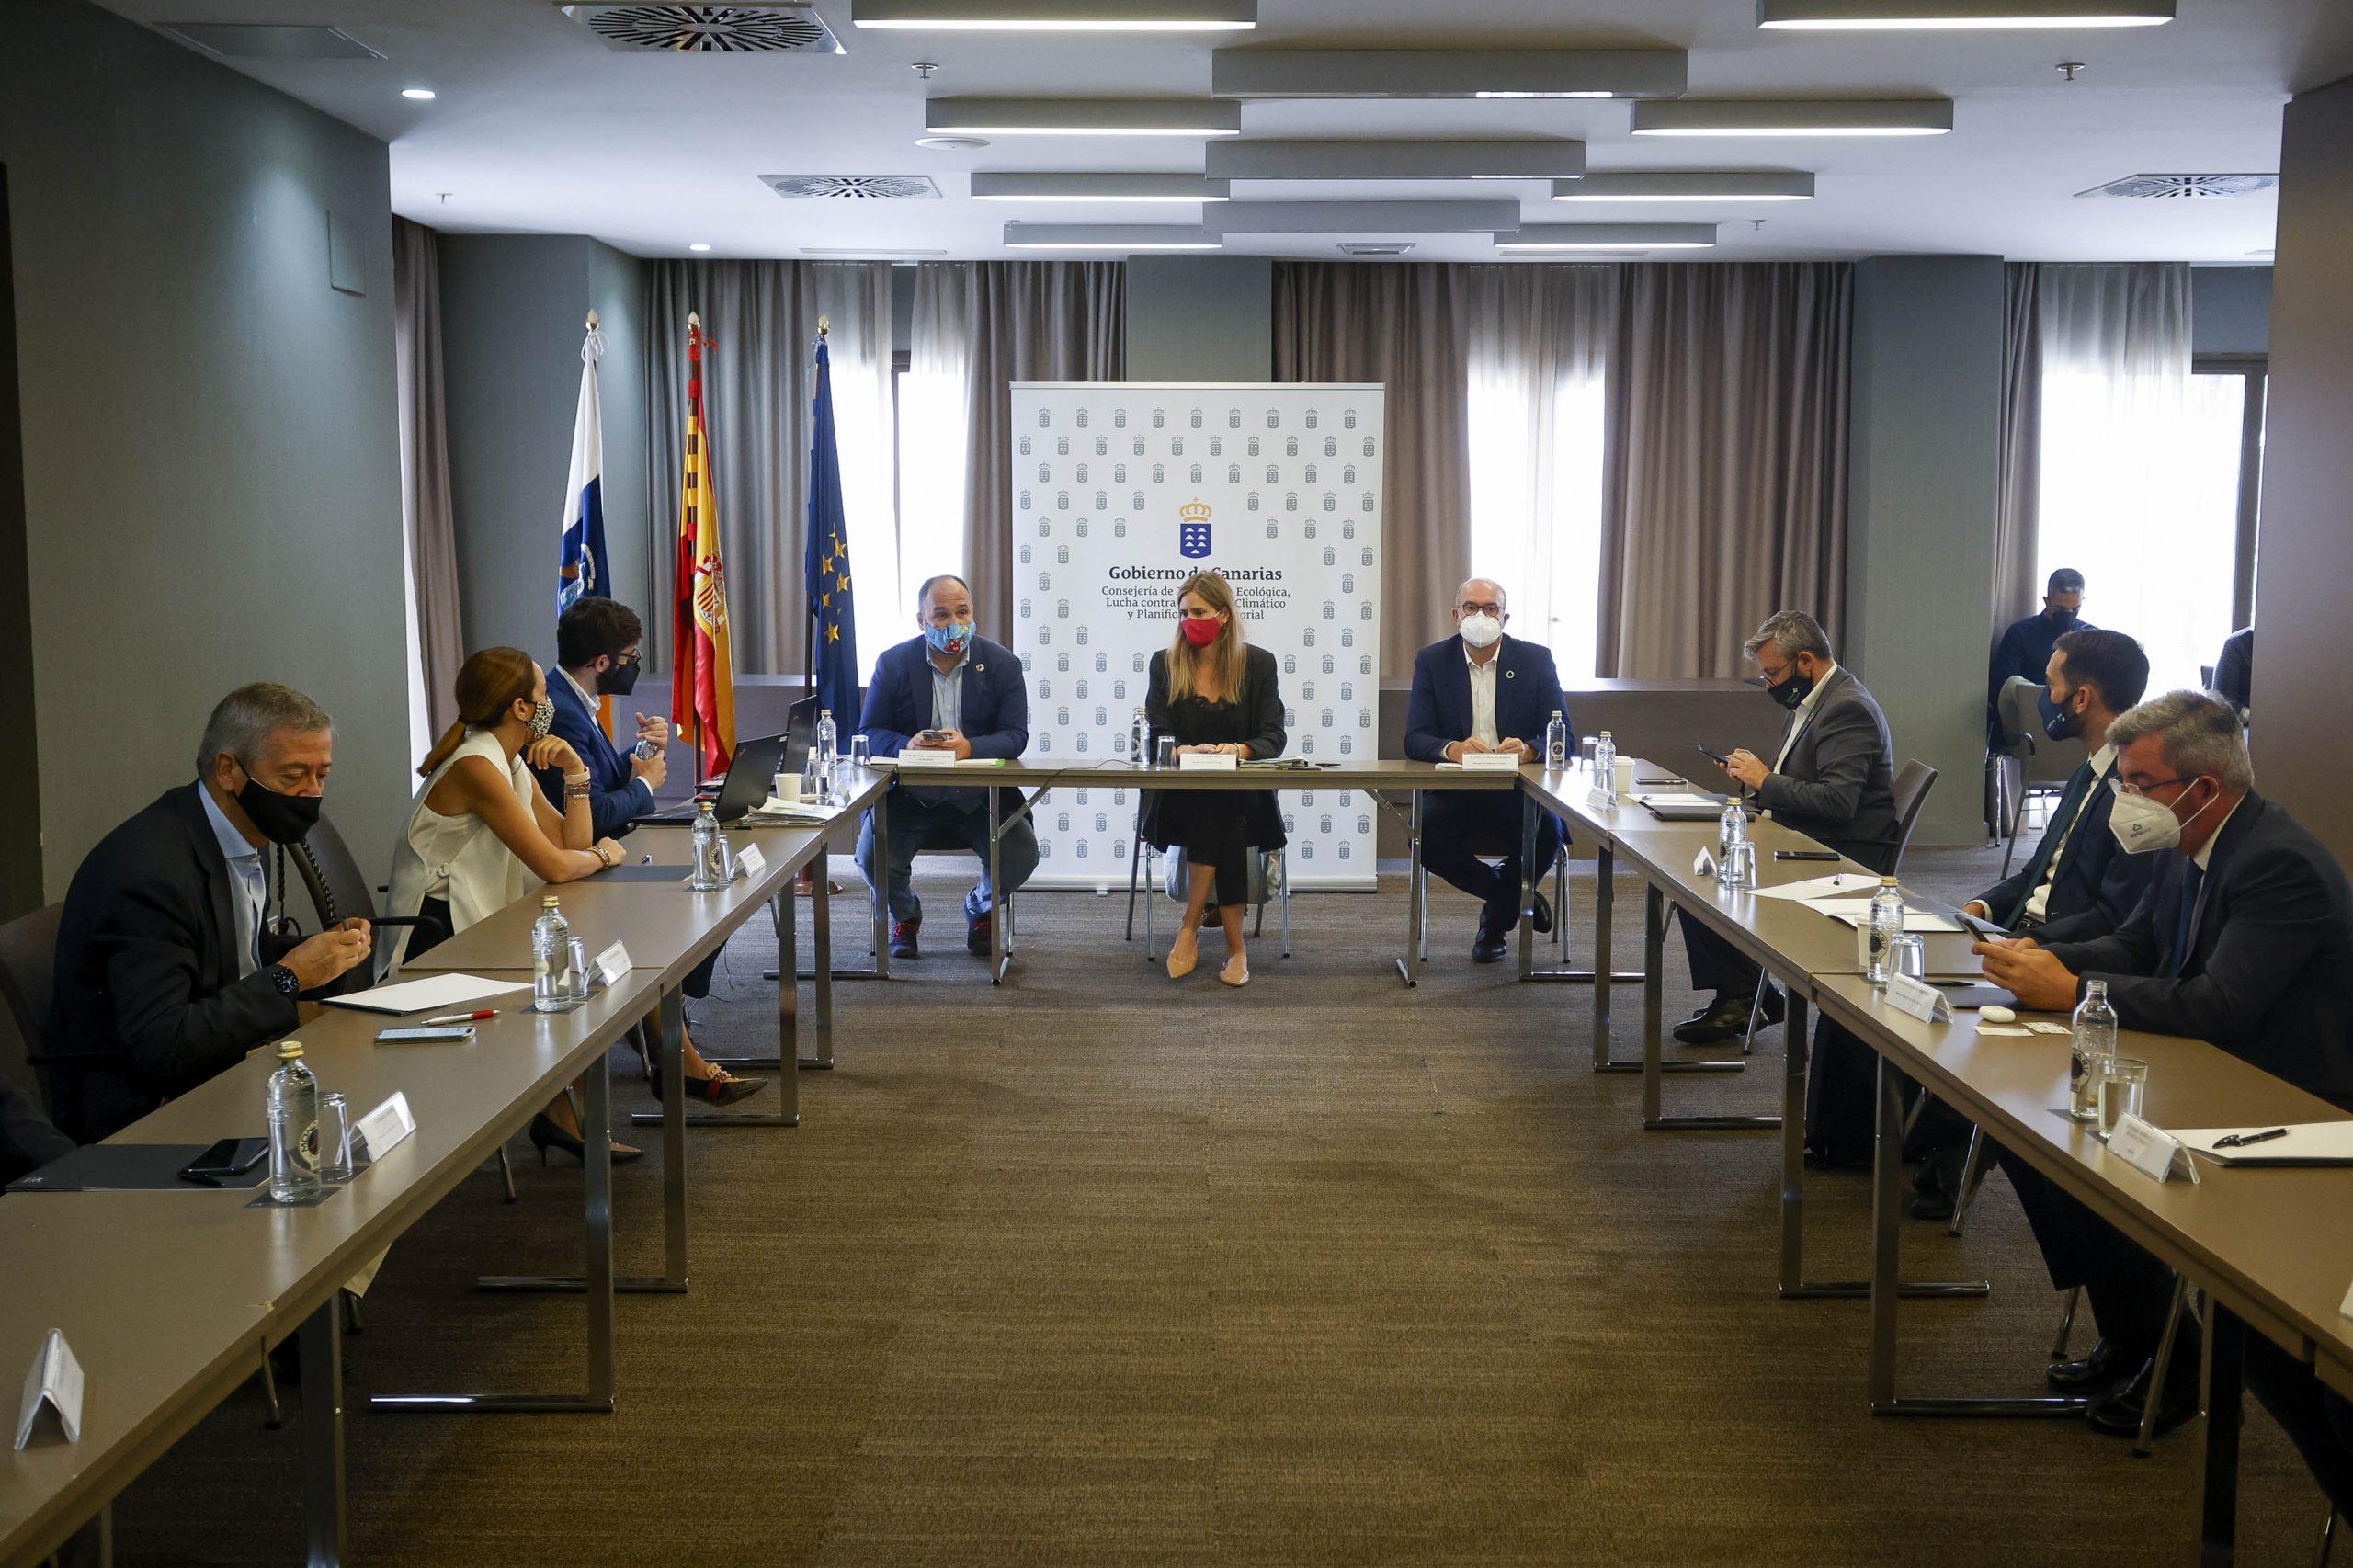 Reunion-3-scaled Canarias recibirá 470 millones para invertir en renovables